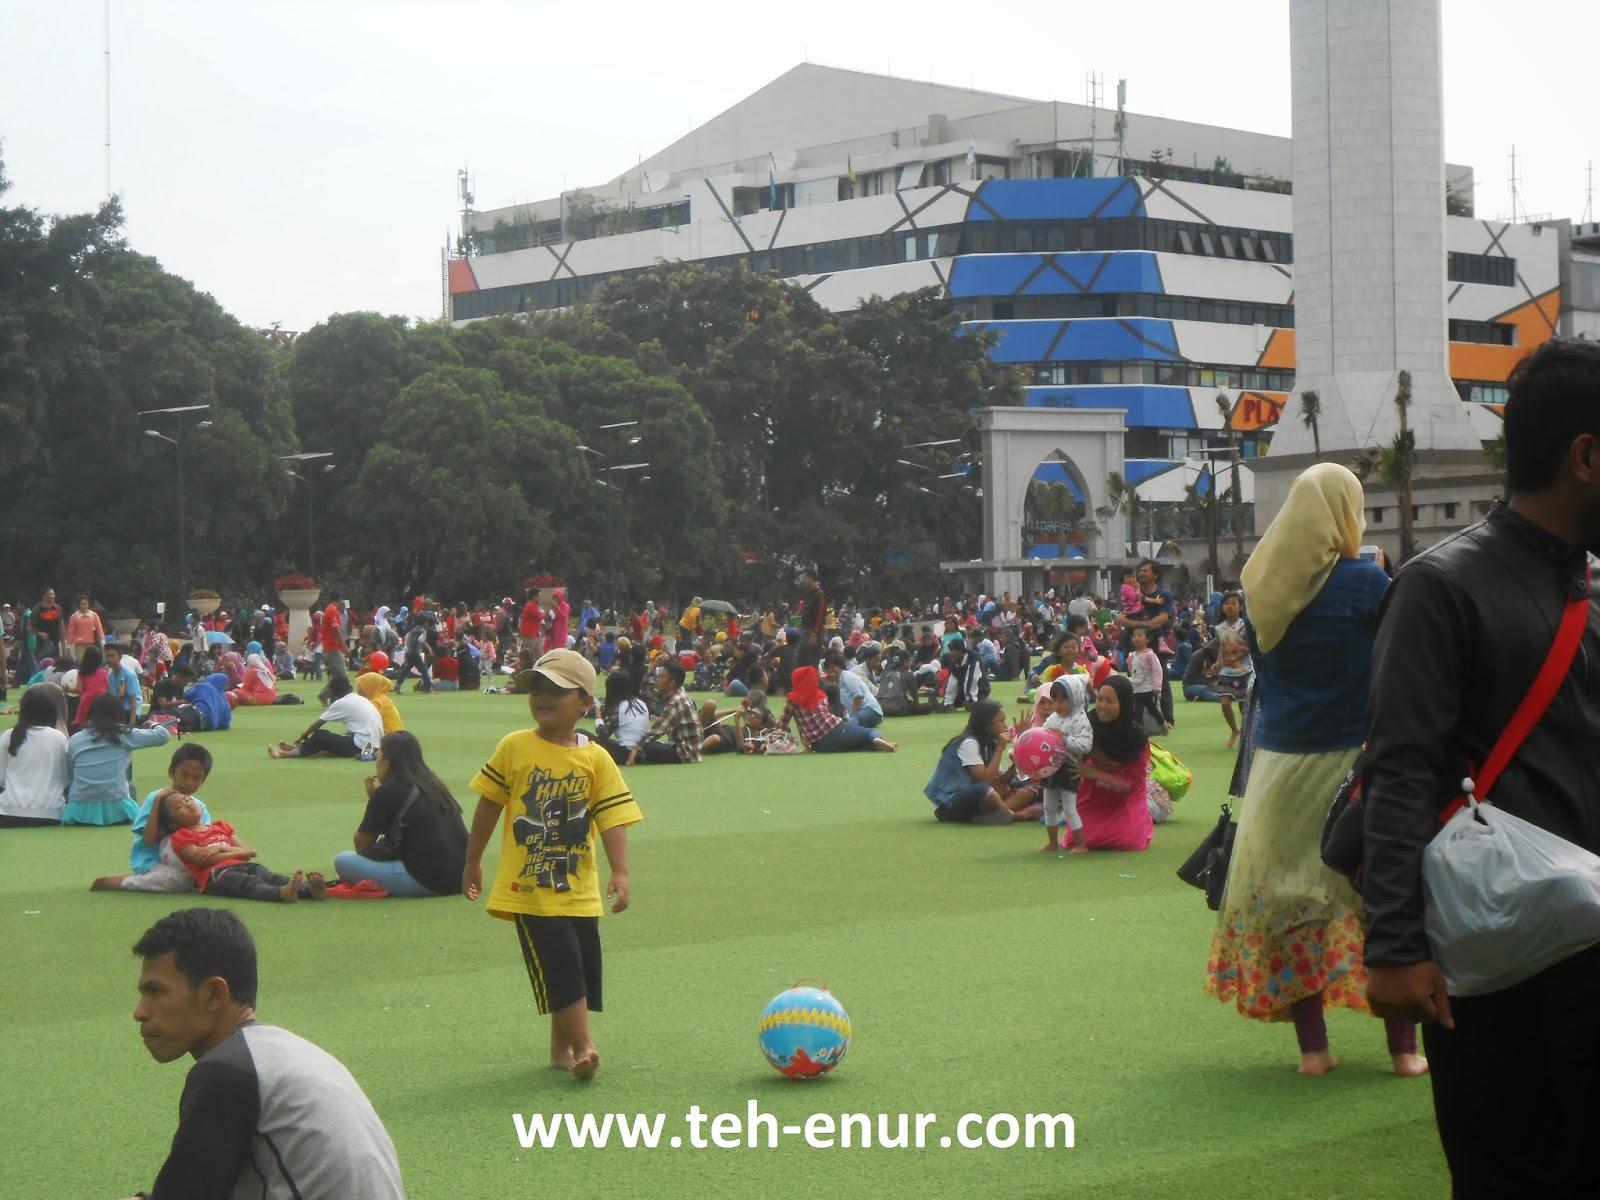 Kumpulan foto-foto Alun-alun kota Bandung - Alun-alun